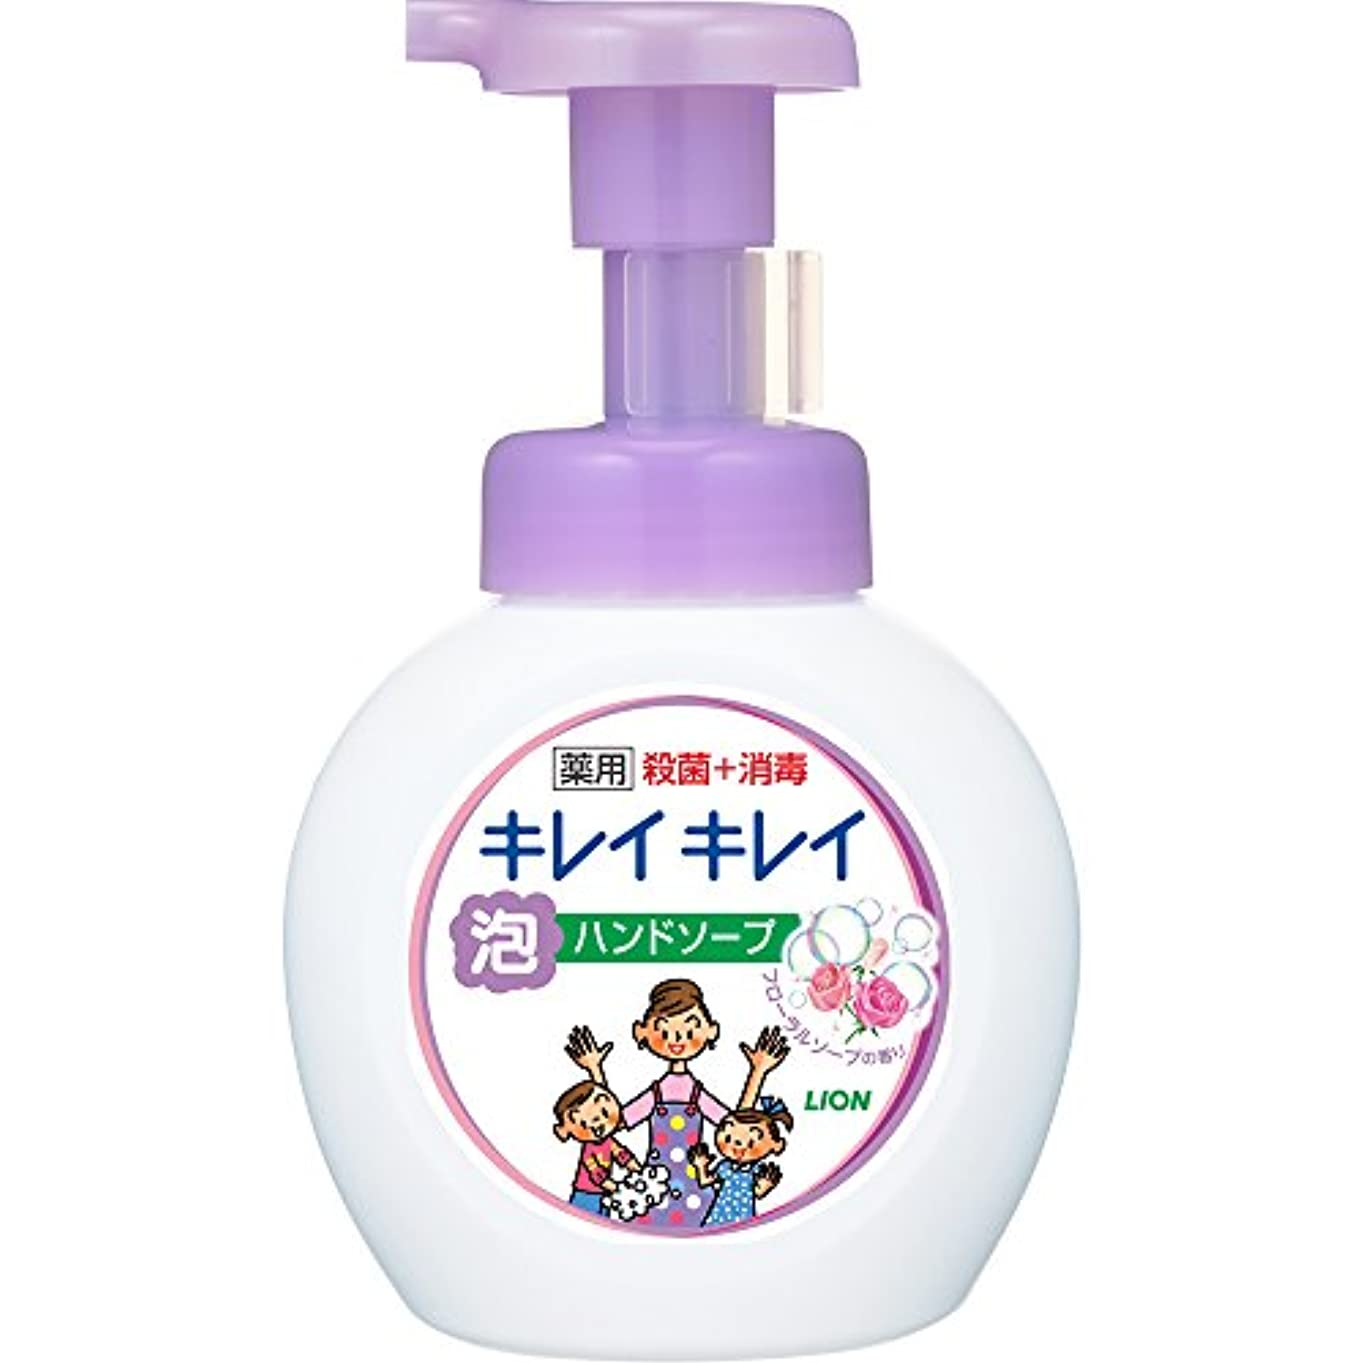 変換するすみませんシーンキレイキレイ 薬用 泡ハンドソープ フローラルソープの香り 本体ポンプ 250ml(医薬部外品)